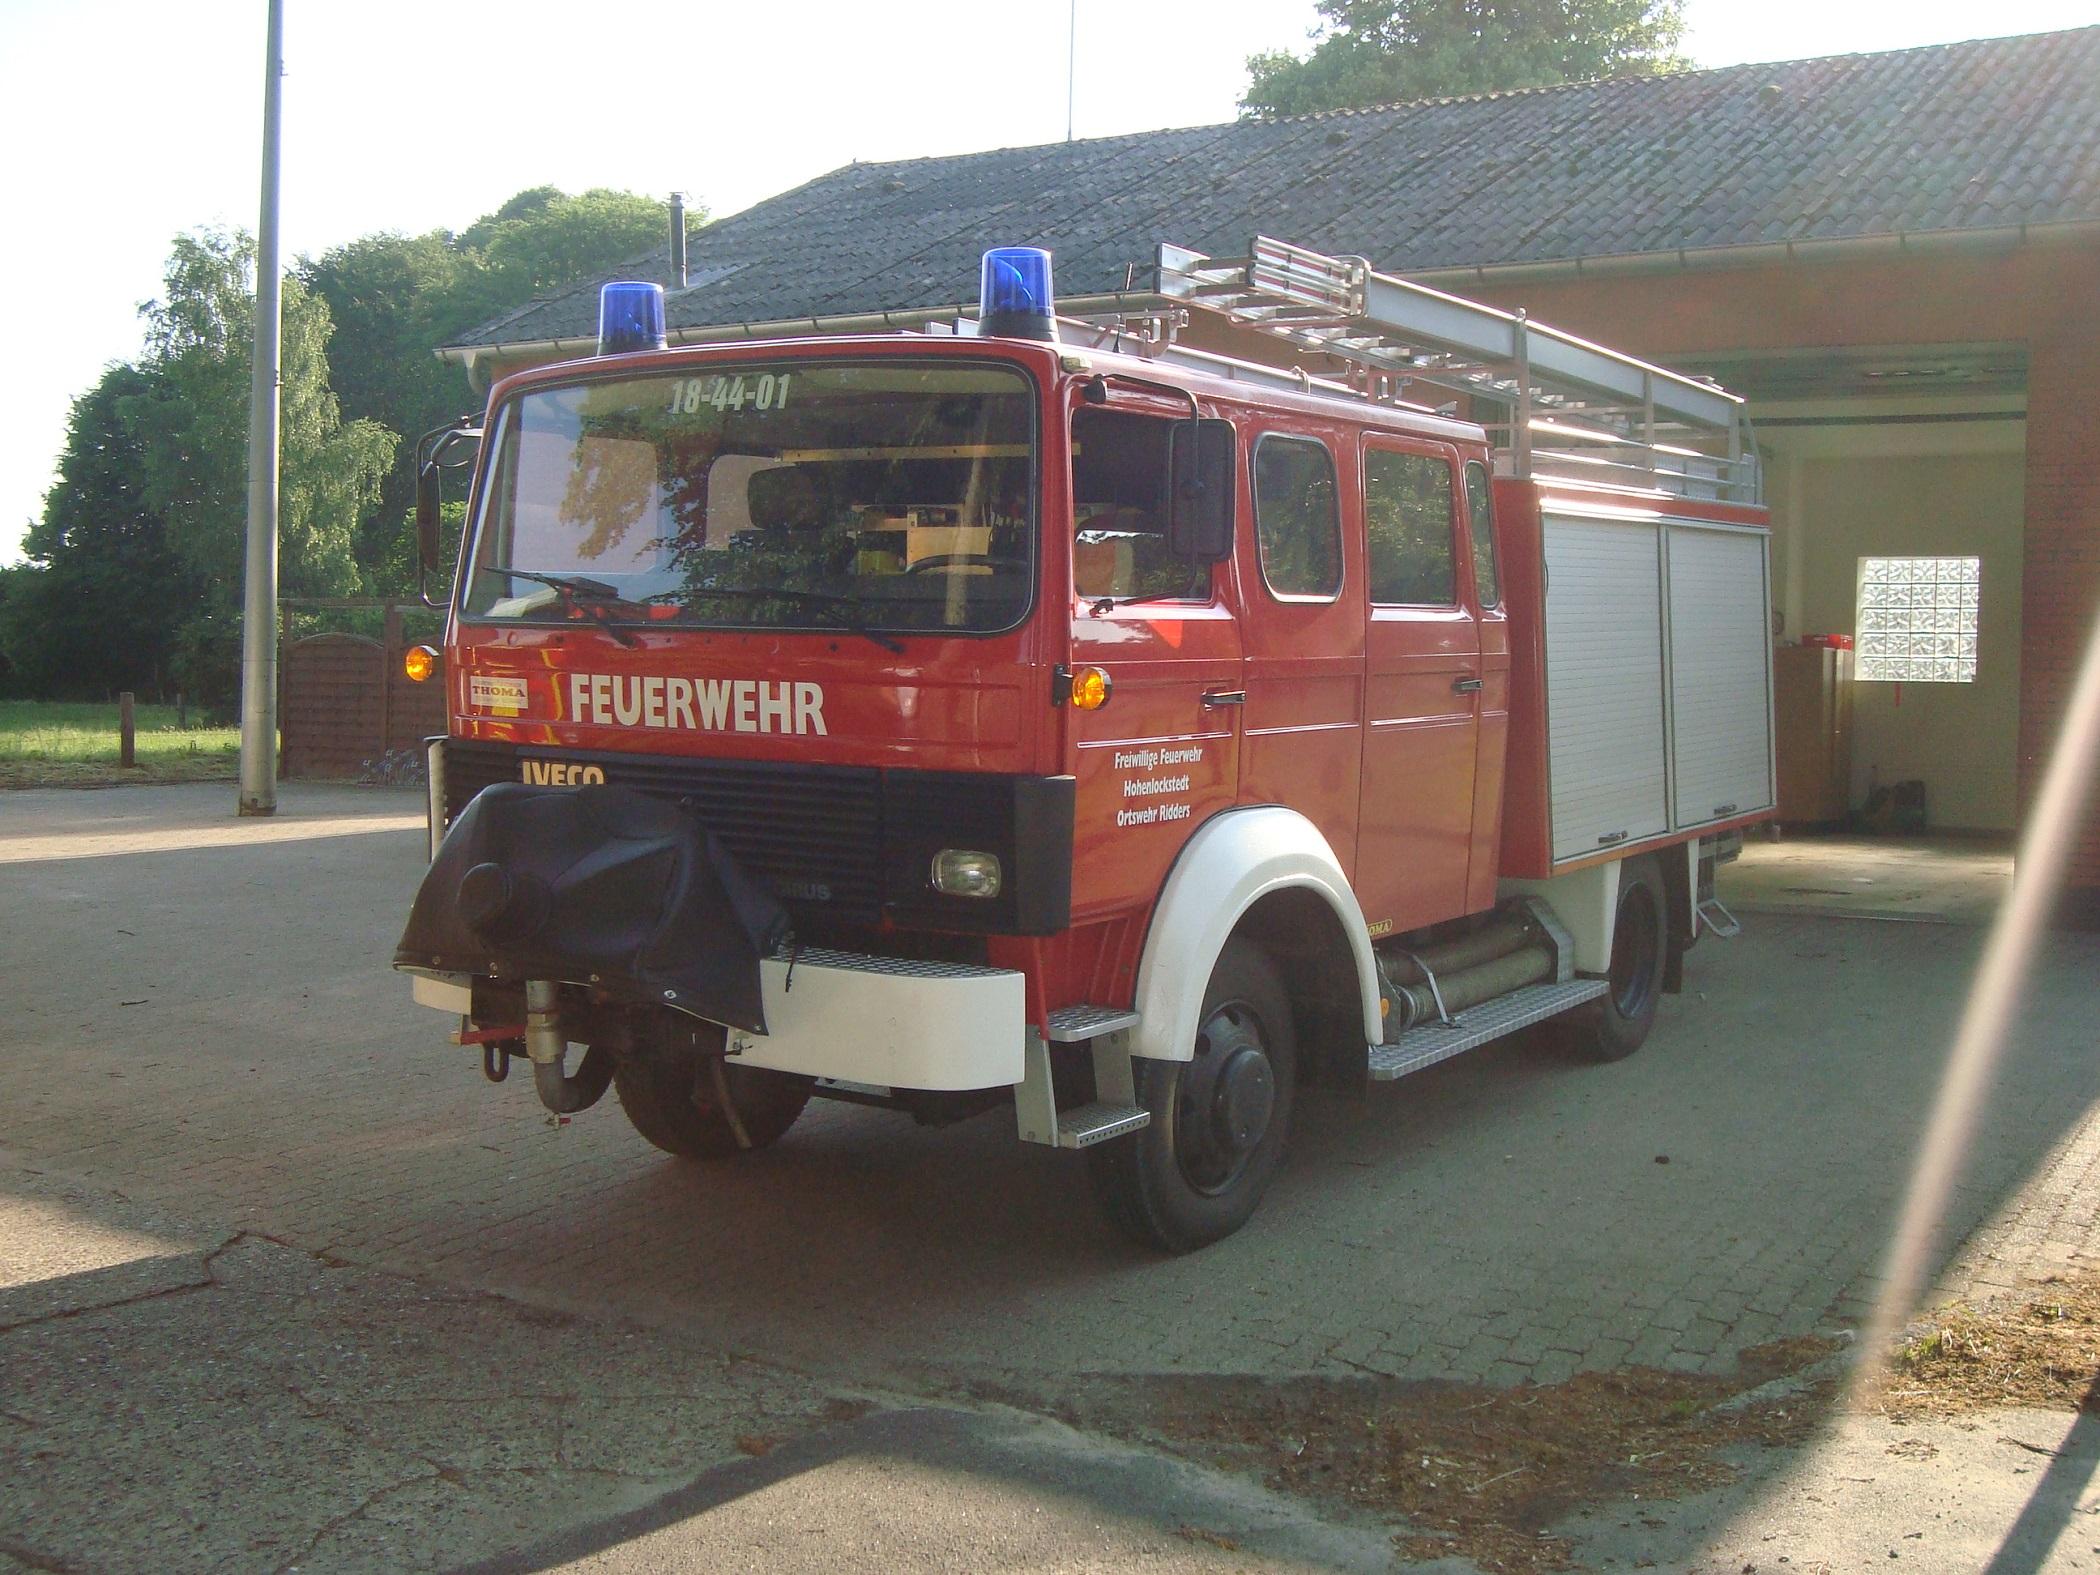 LF16-TS - 18-44-01